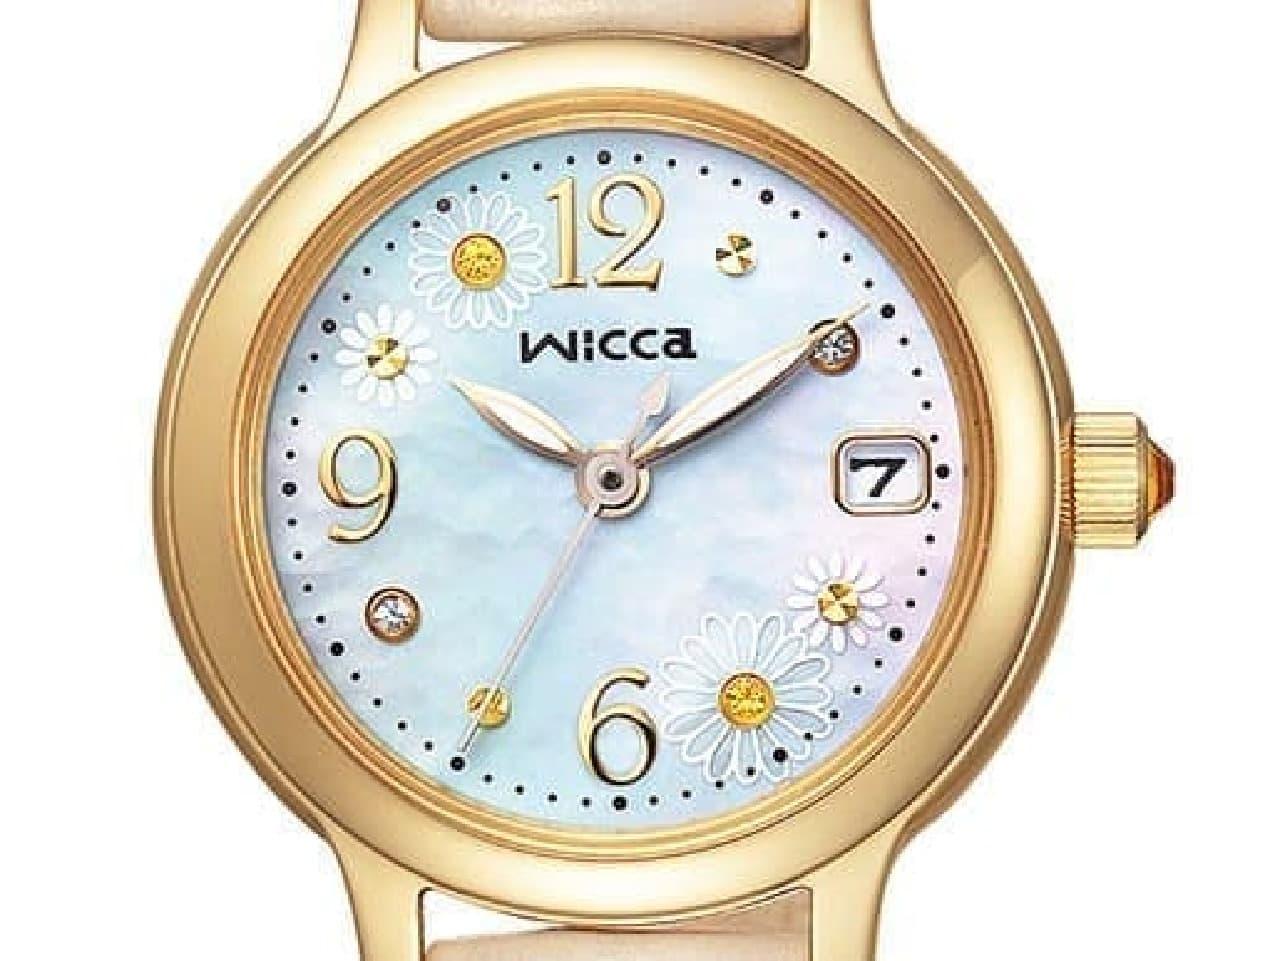 シチズン時計のレディスウオッチ「wicca(ウィッカ)」